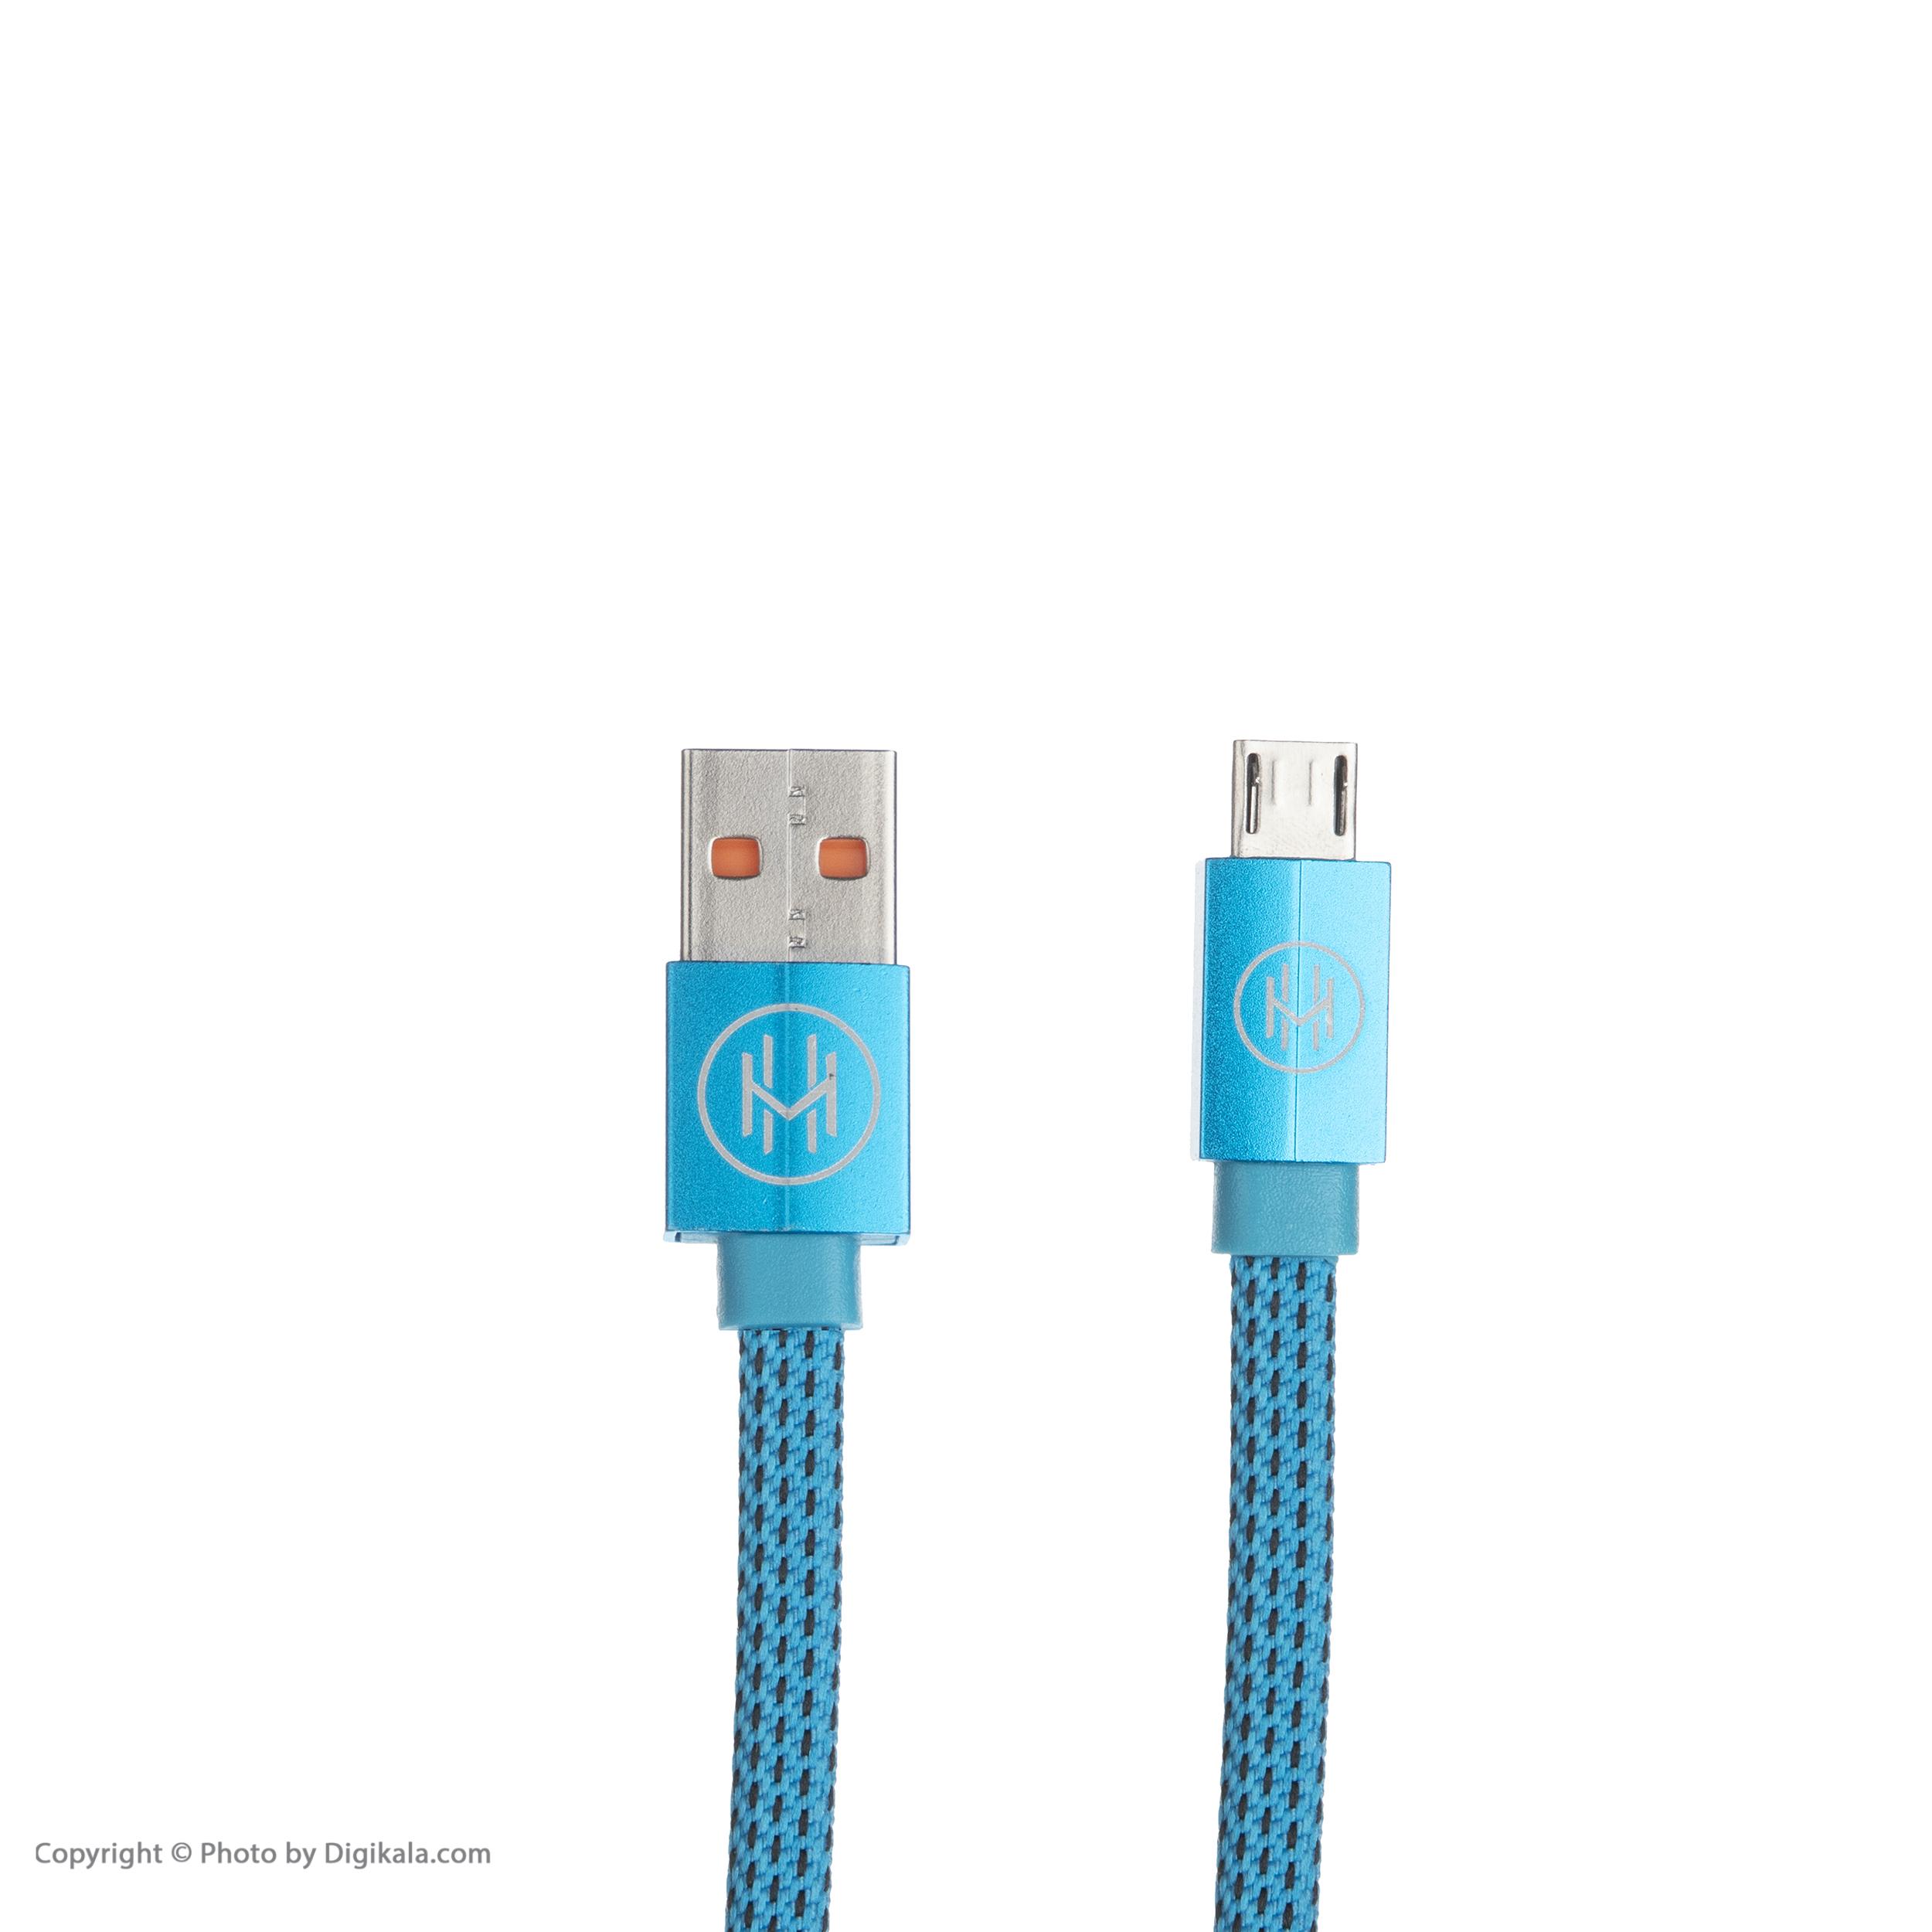 کابل تبدیل USB به microUSB اچ اند ام مدل C03 طول 0.2 متر